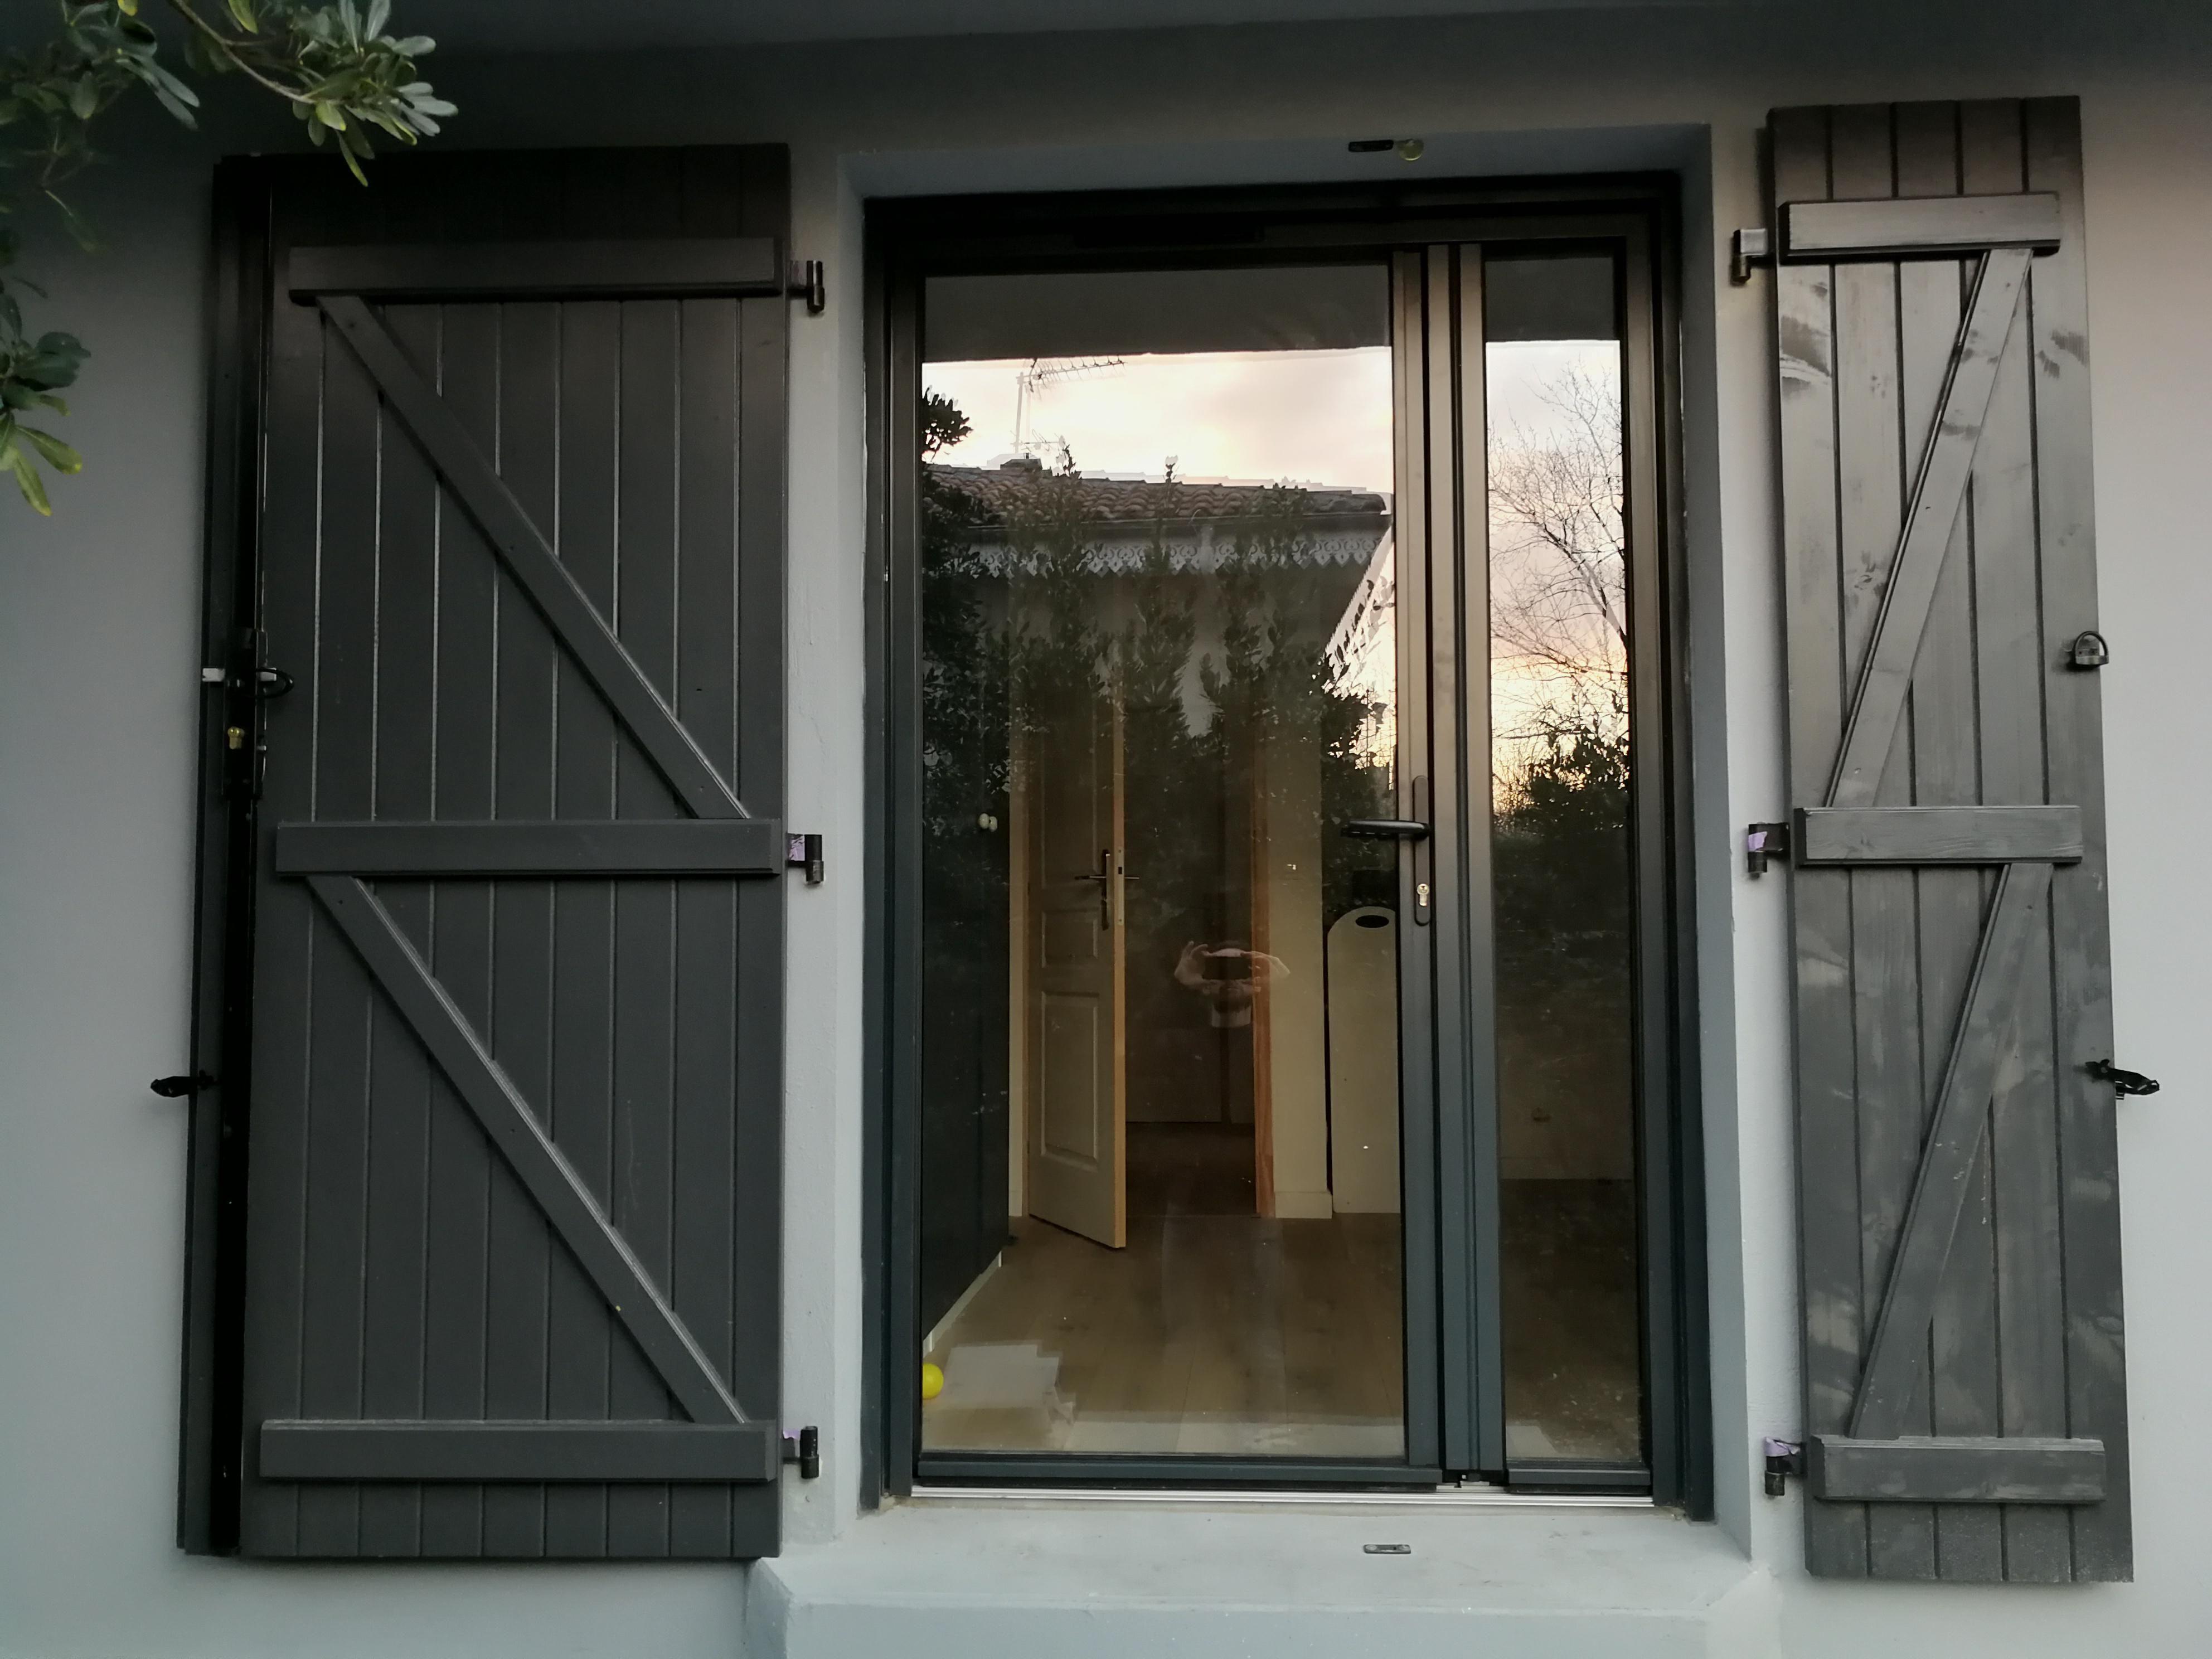 Fourniture Et Pose D Une Porte Fenetre Tierce En Alu Ral 7016 Porte Fenetre Fenetre De Toit Maison Design